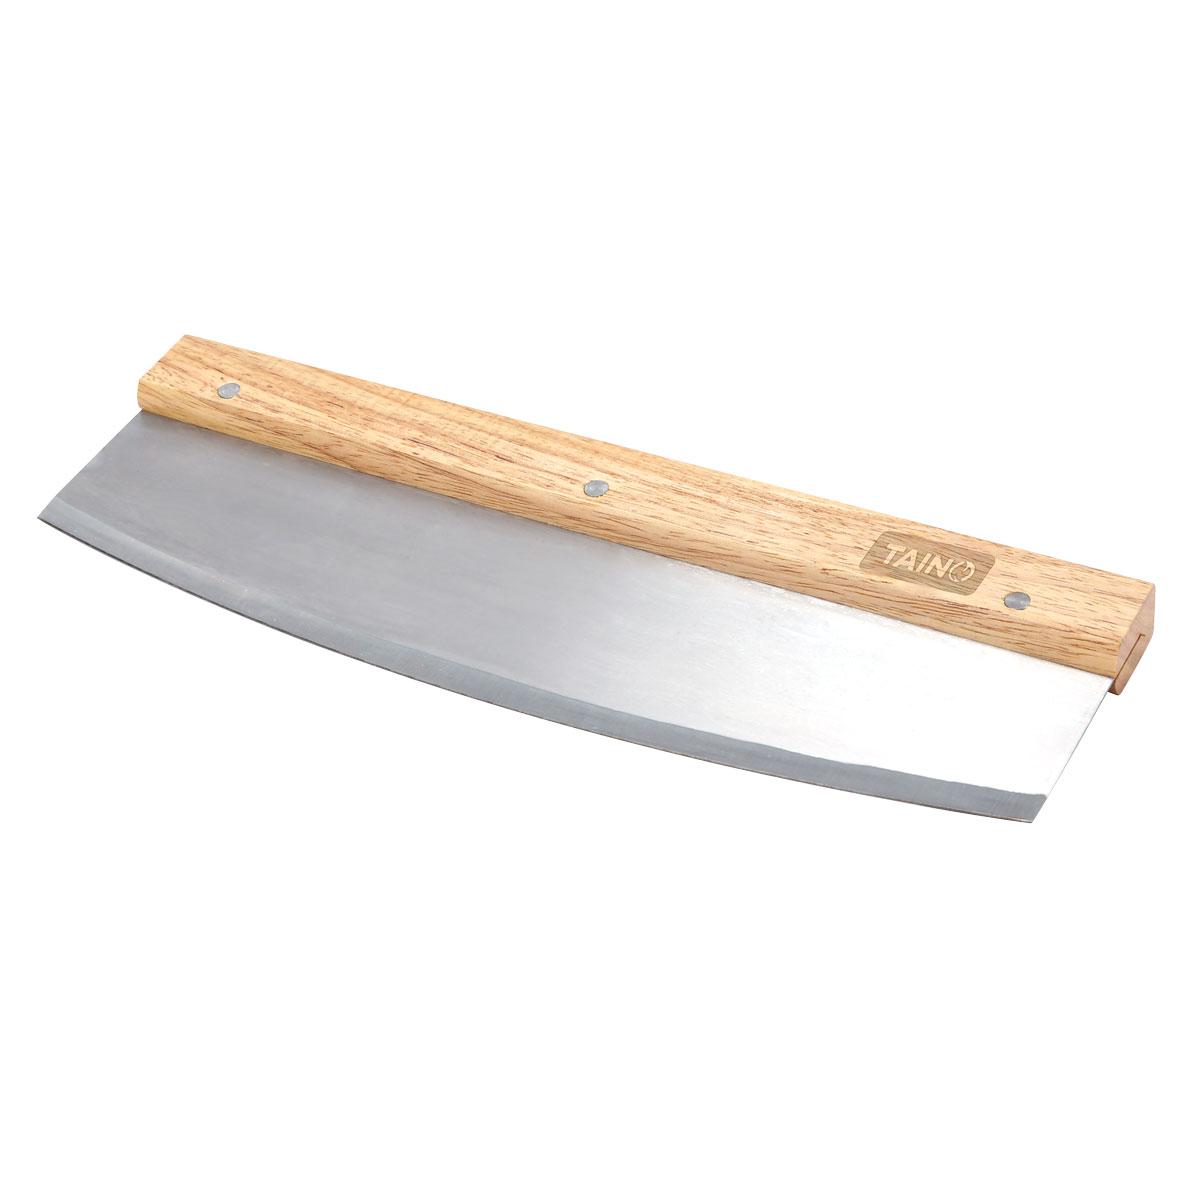 90099 TAINO Pizzaschneider mit Holzgriff